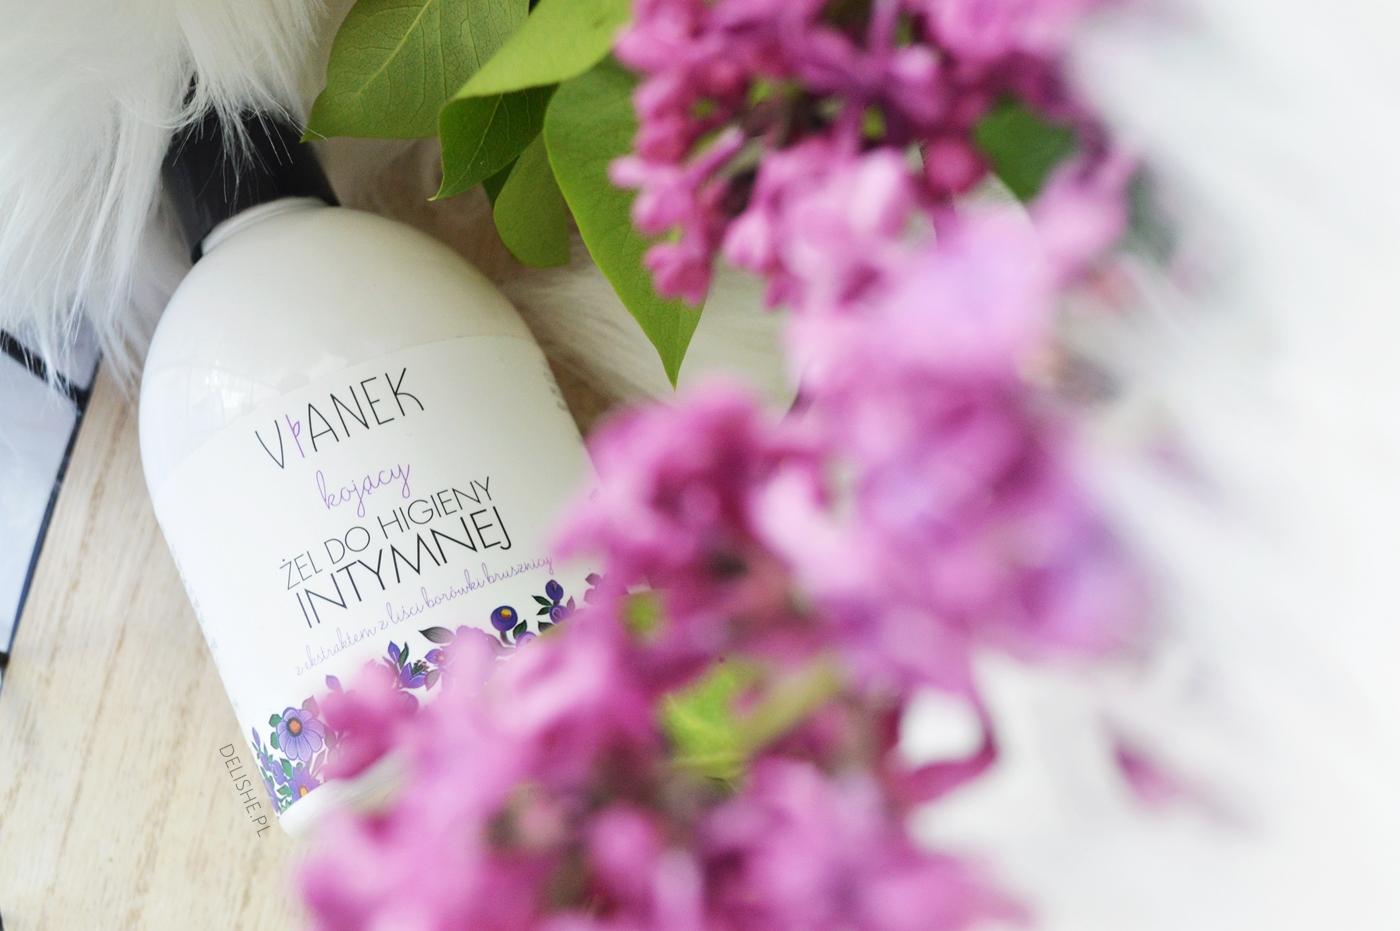 pewniaki kosmetyczne do pielęgnacji, żel do higieny intymnej Vianek